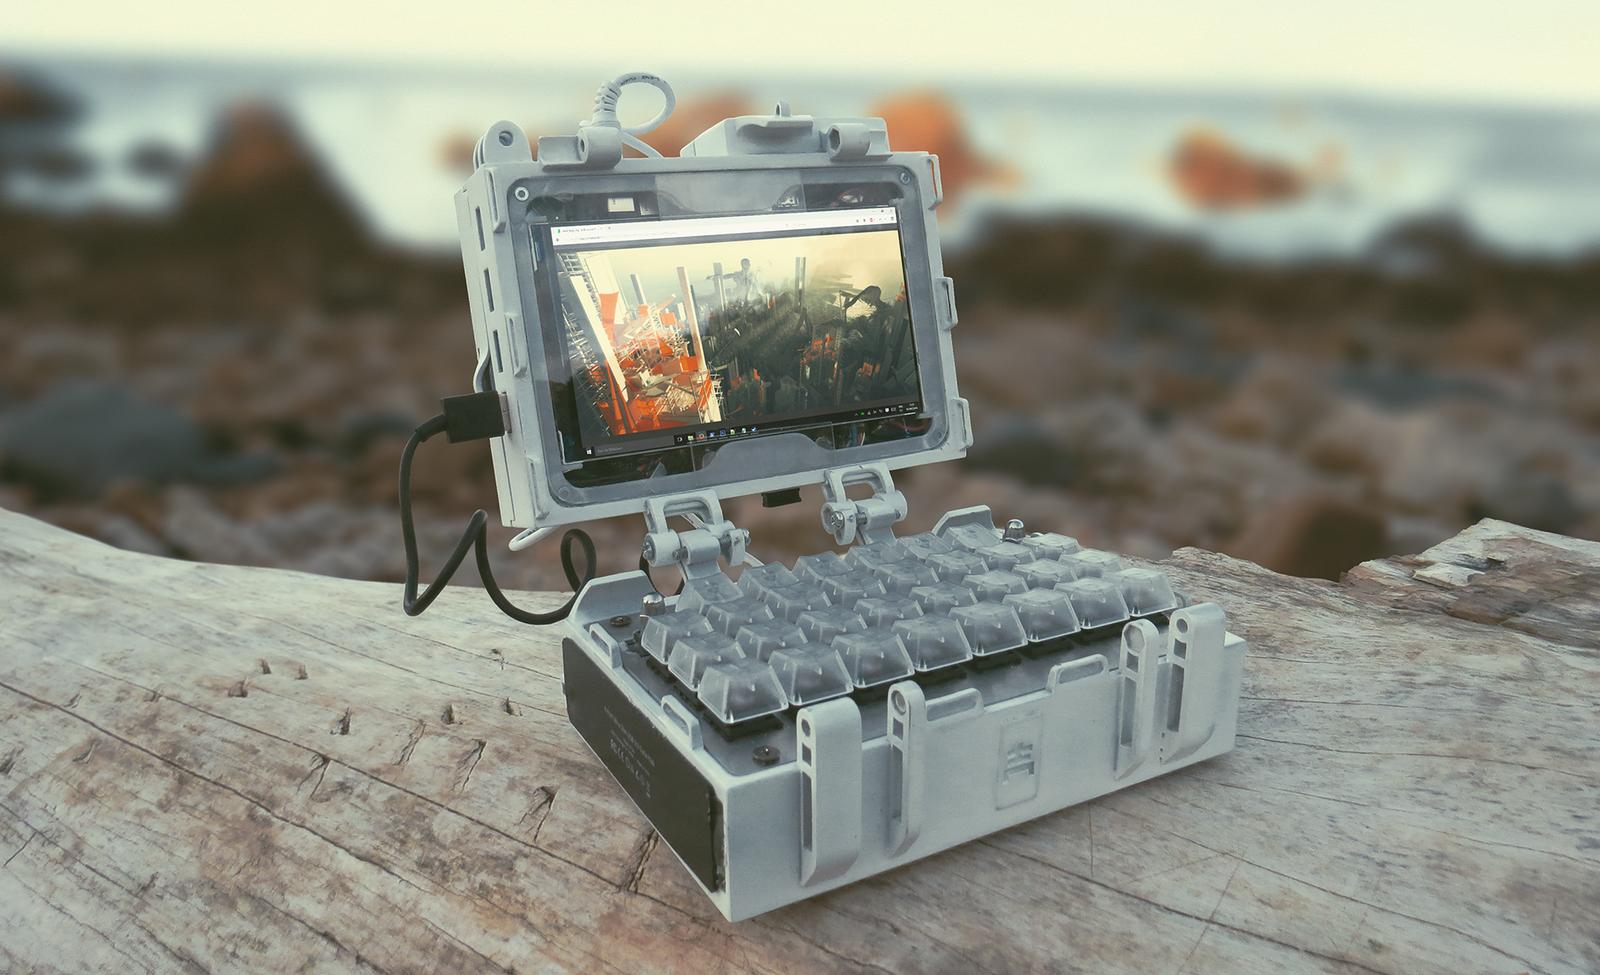 Digital Sketchbook - handheld laptop build by haikuo